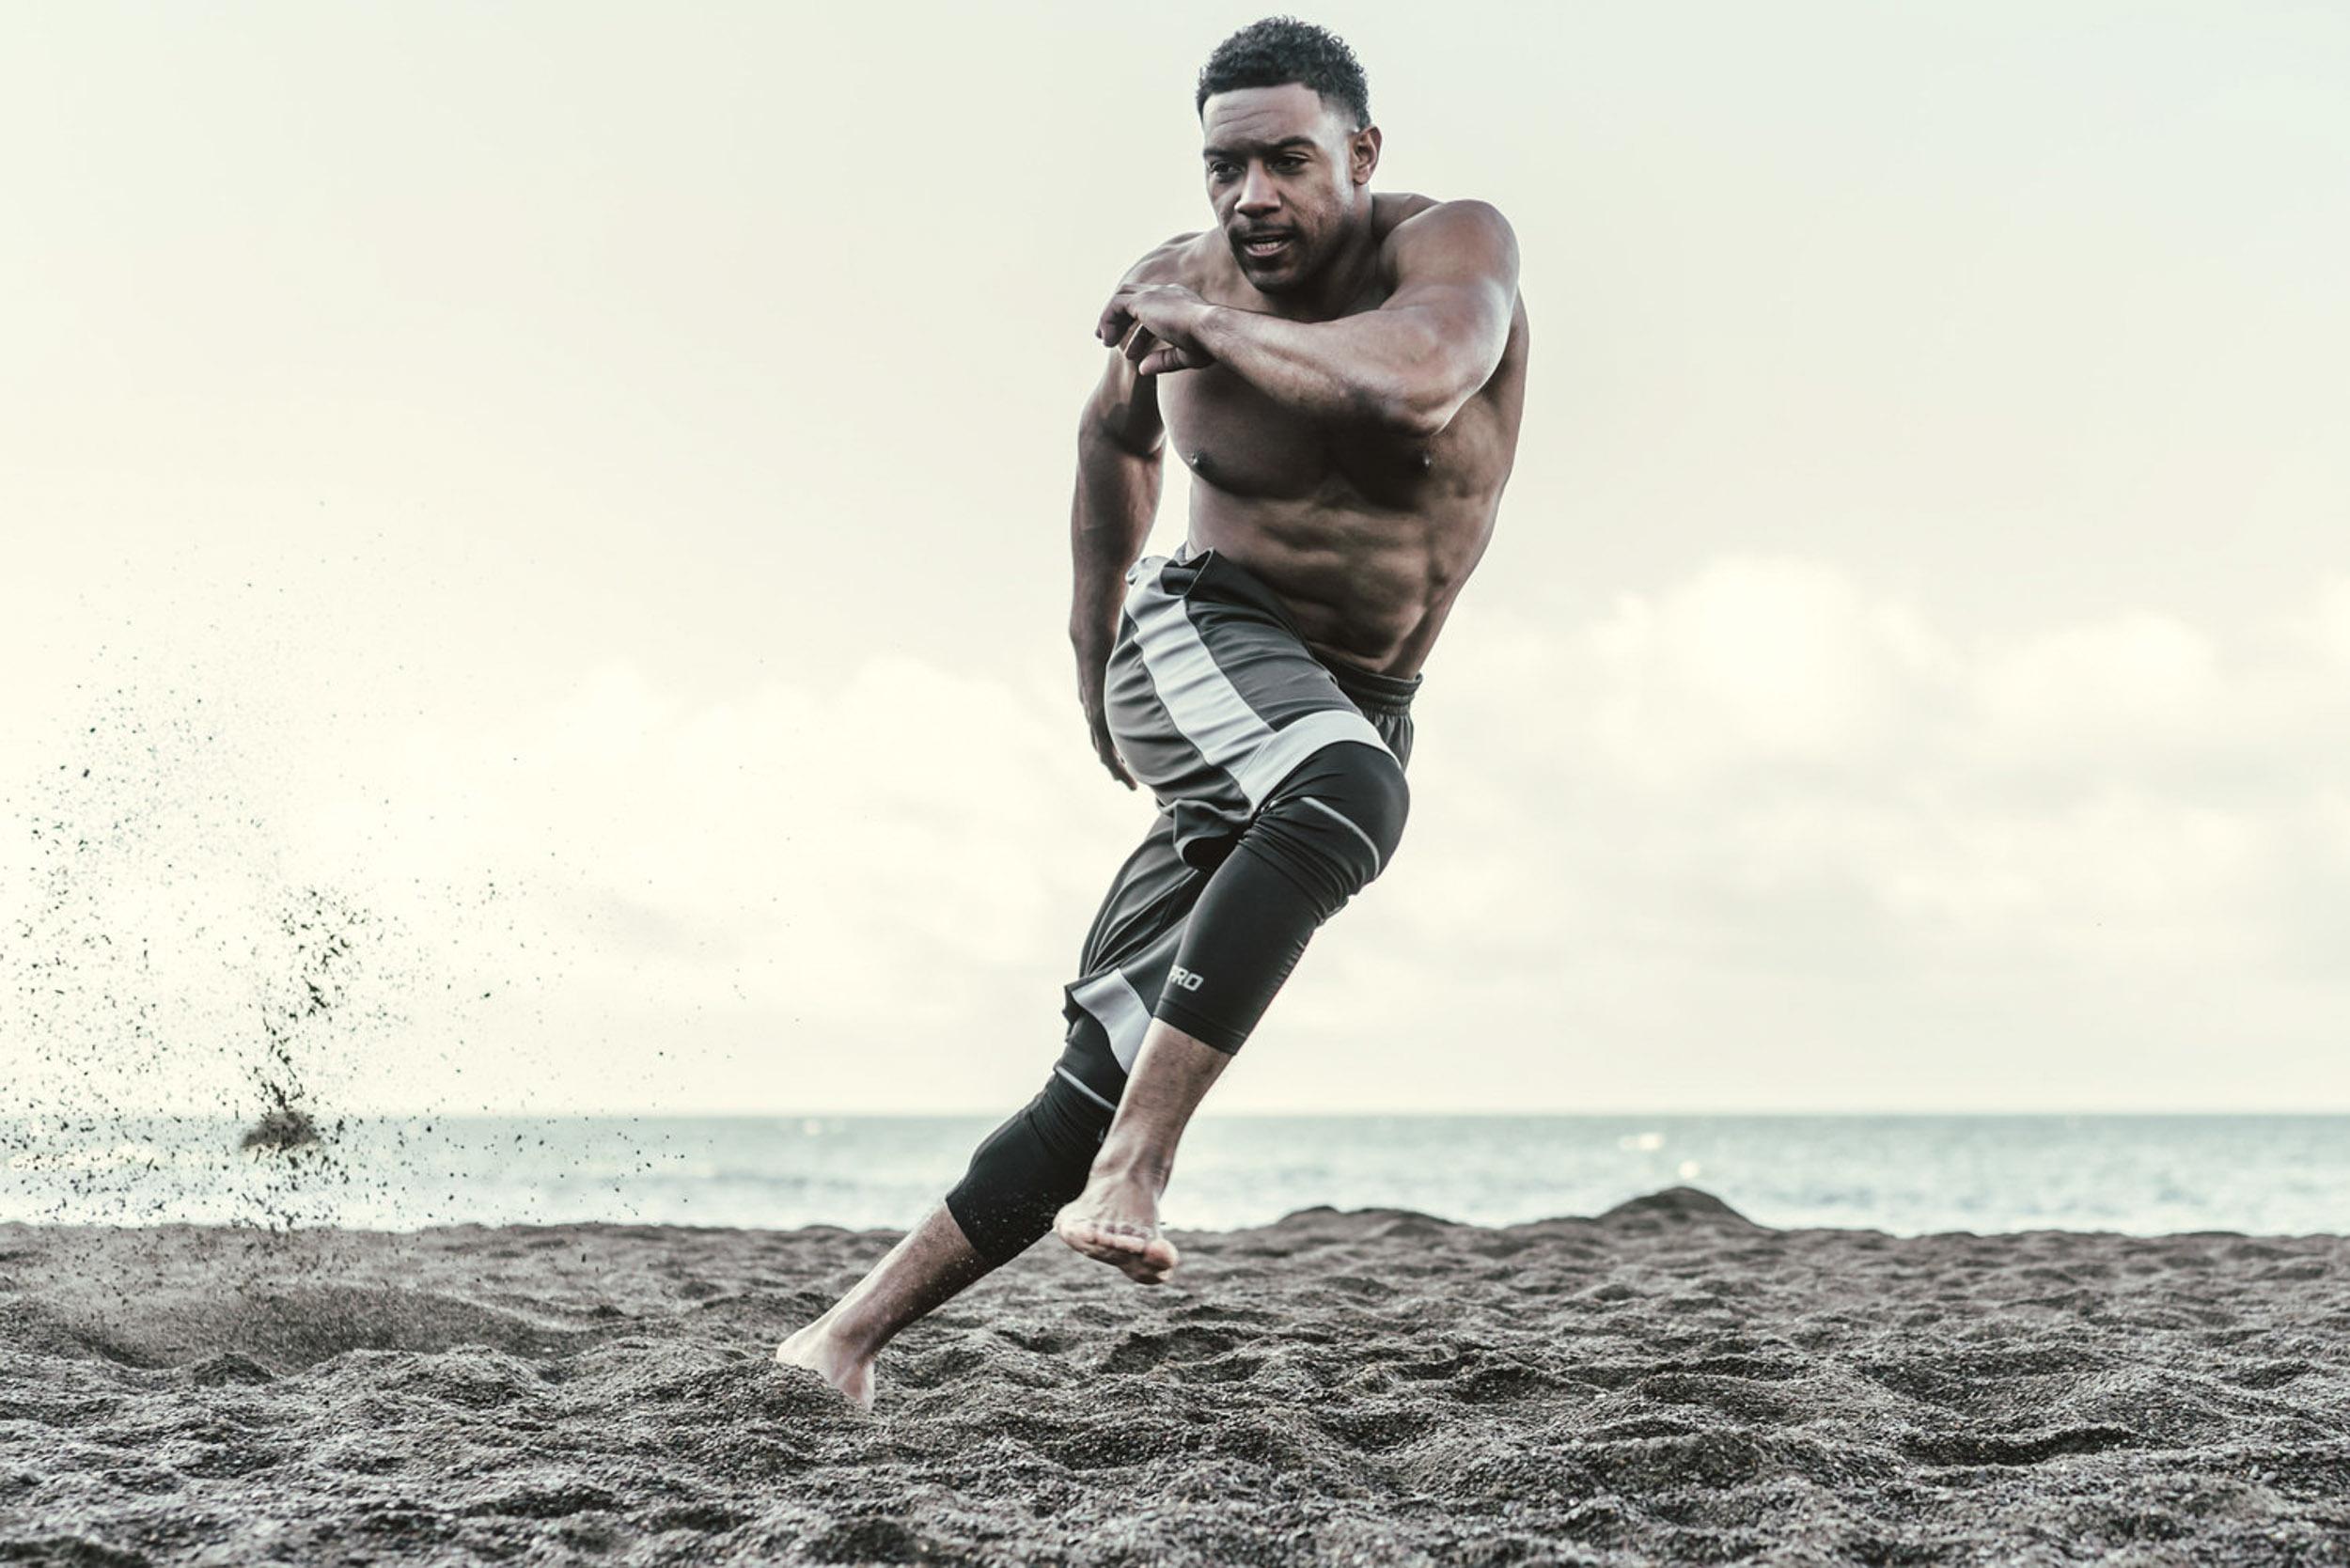 Bax-Towner-PF-Fitness-Beach-Workout-BAX8937-2.jpg